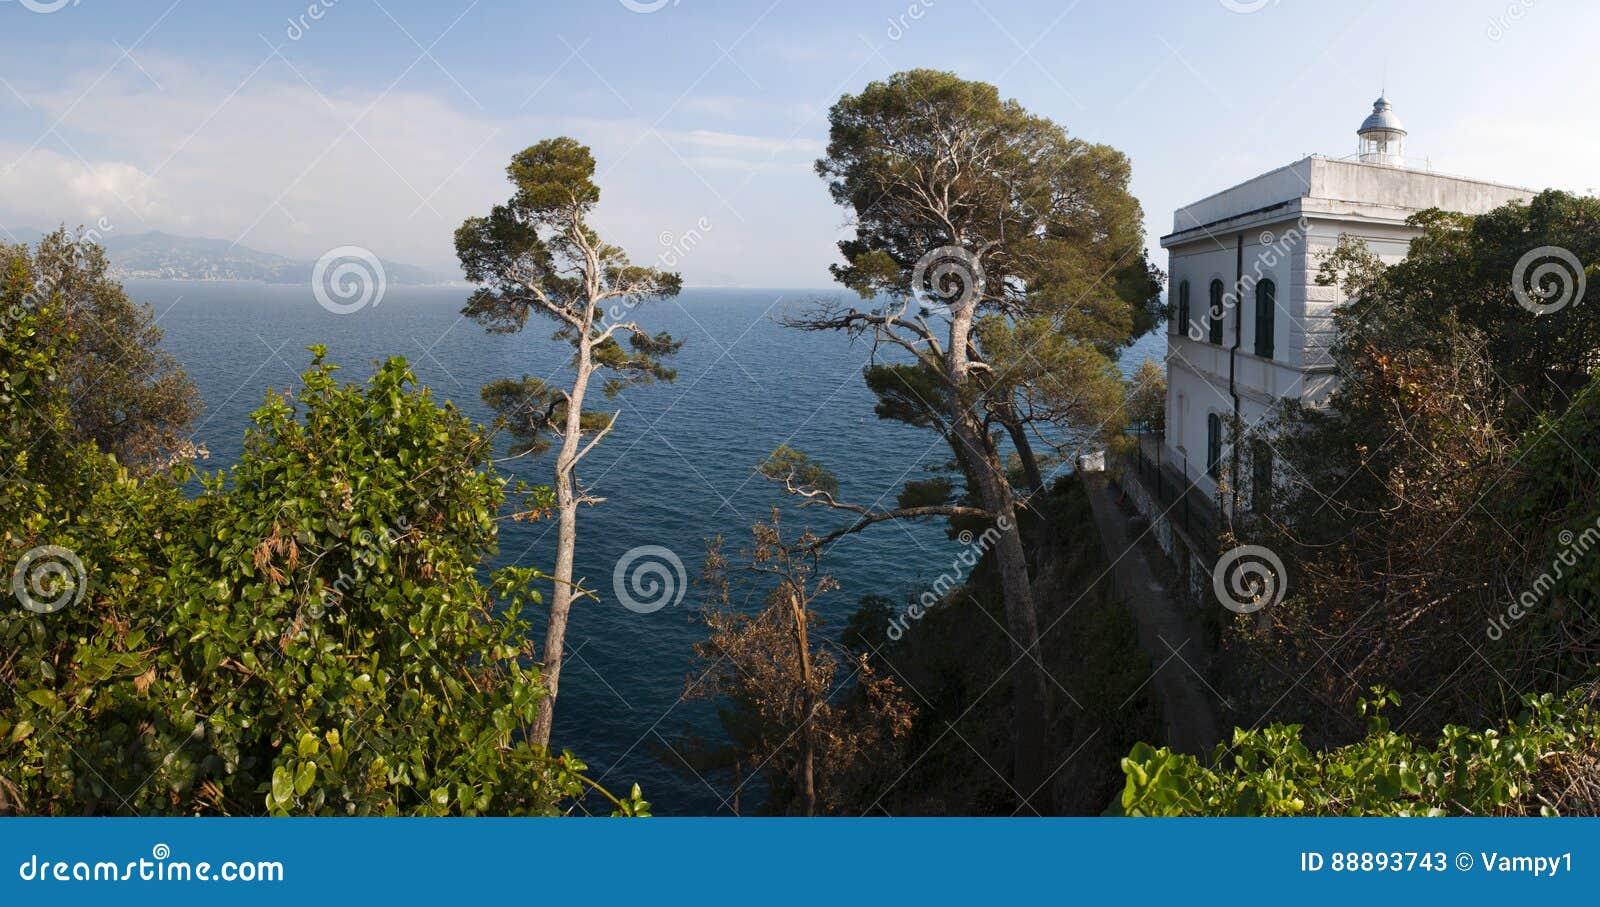 菲诺港,热那亚,利古里亚,意大利,意大利语里维埃拉,欧洲